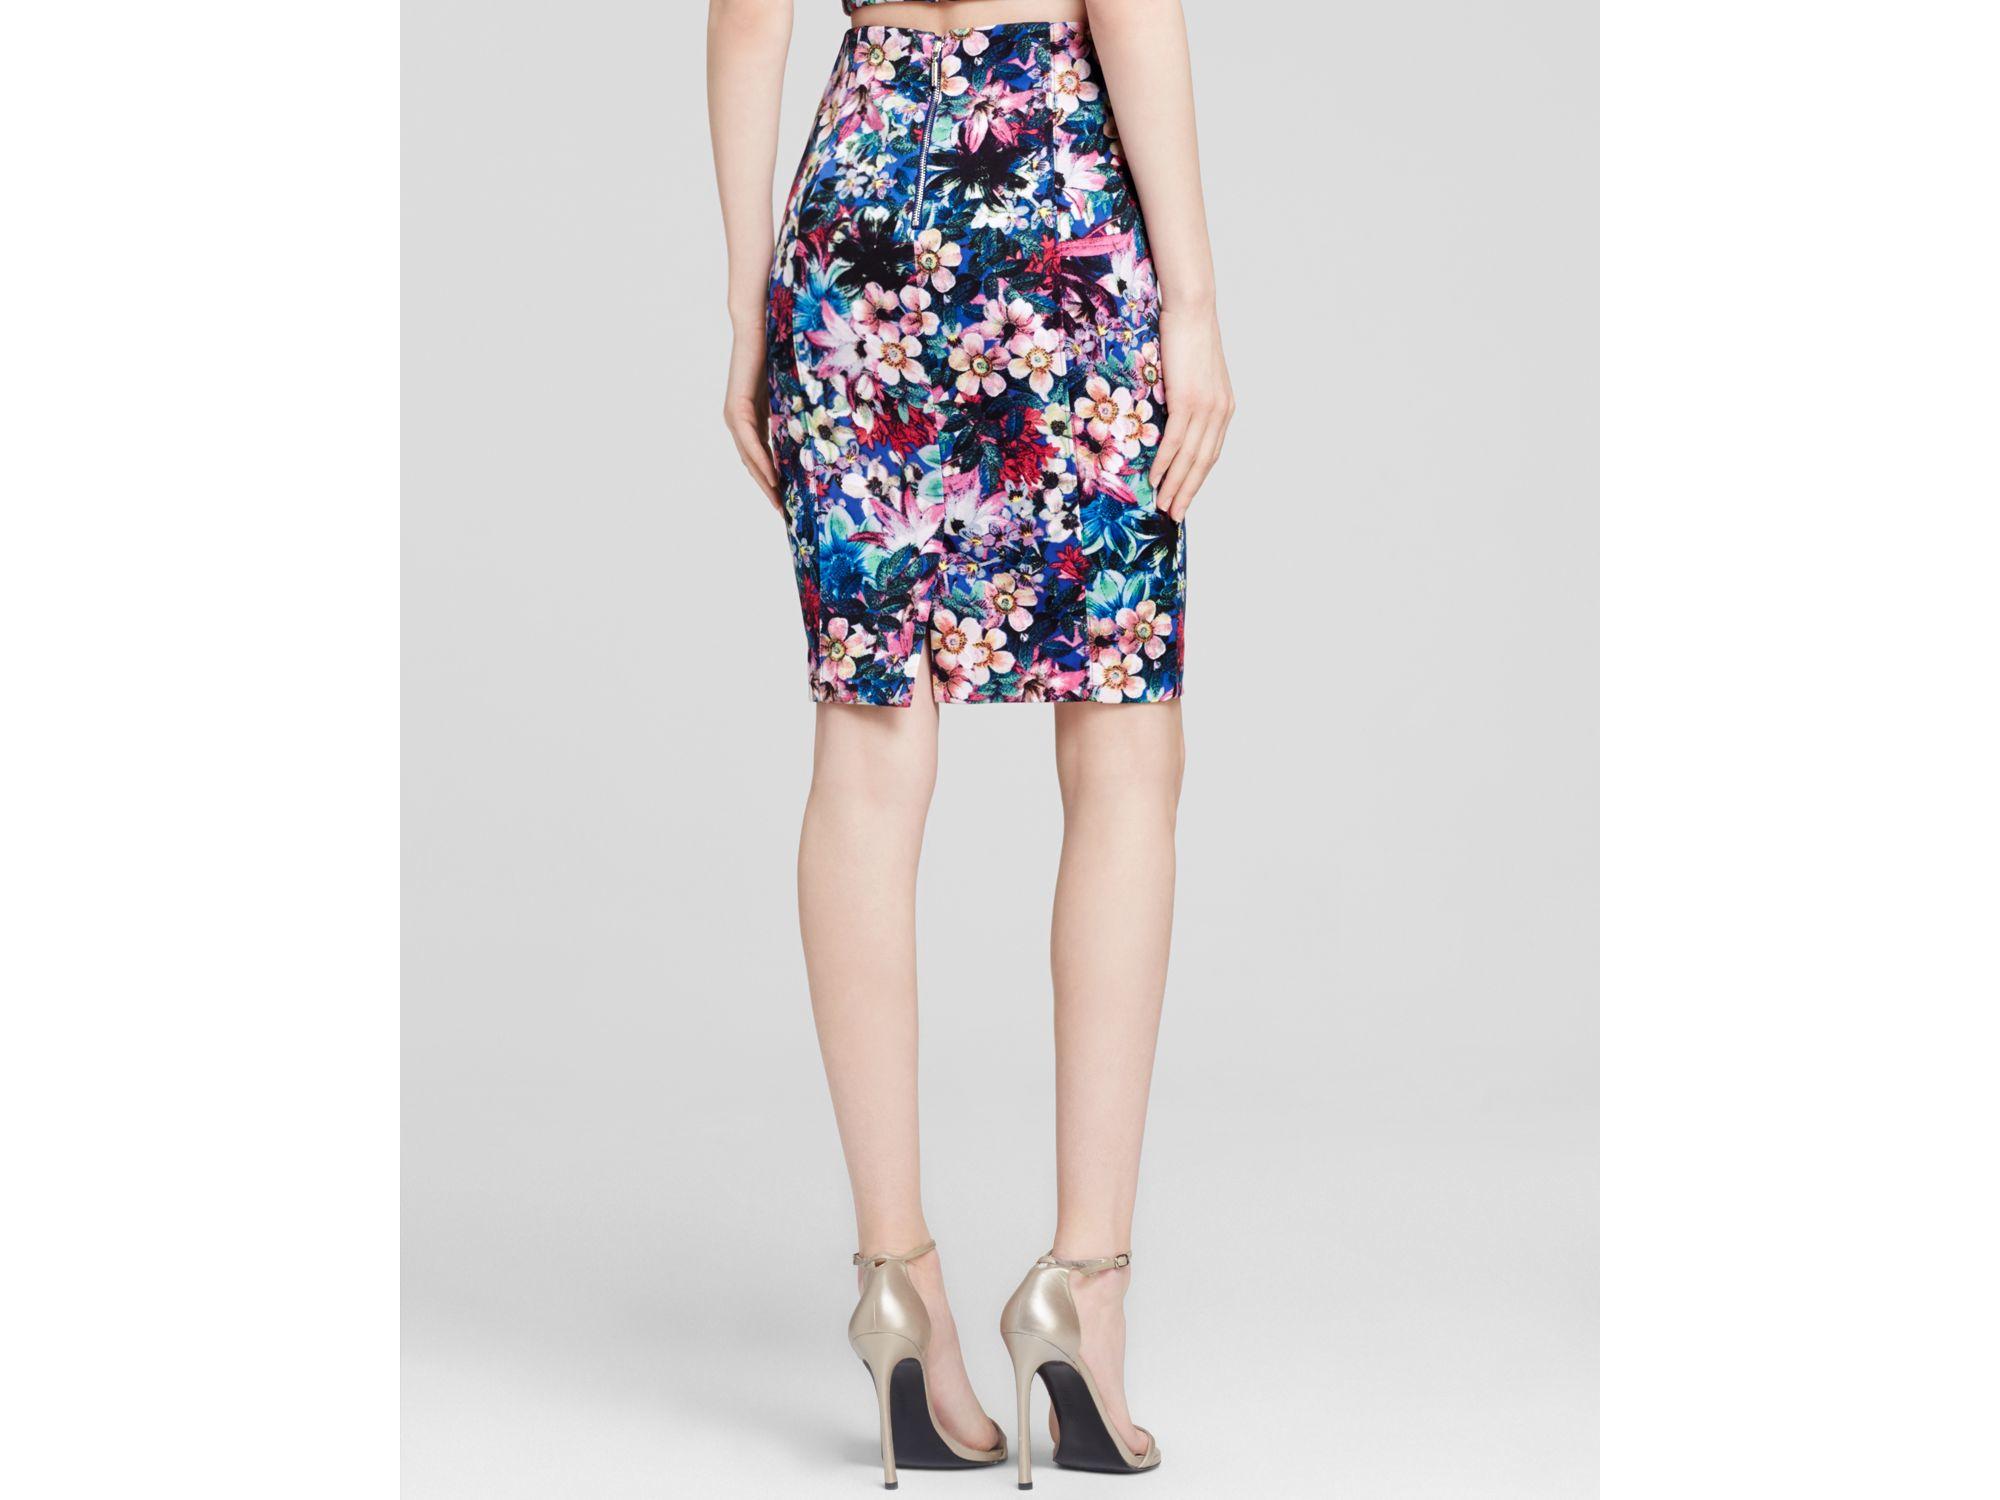 Guess Skirt - High Waist Floral Pencil | Lyst